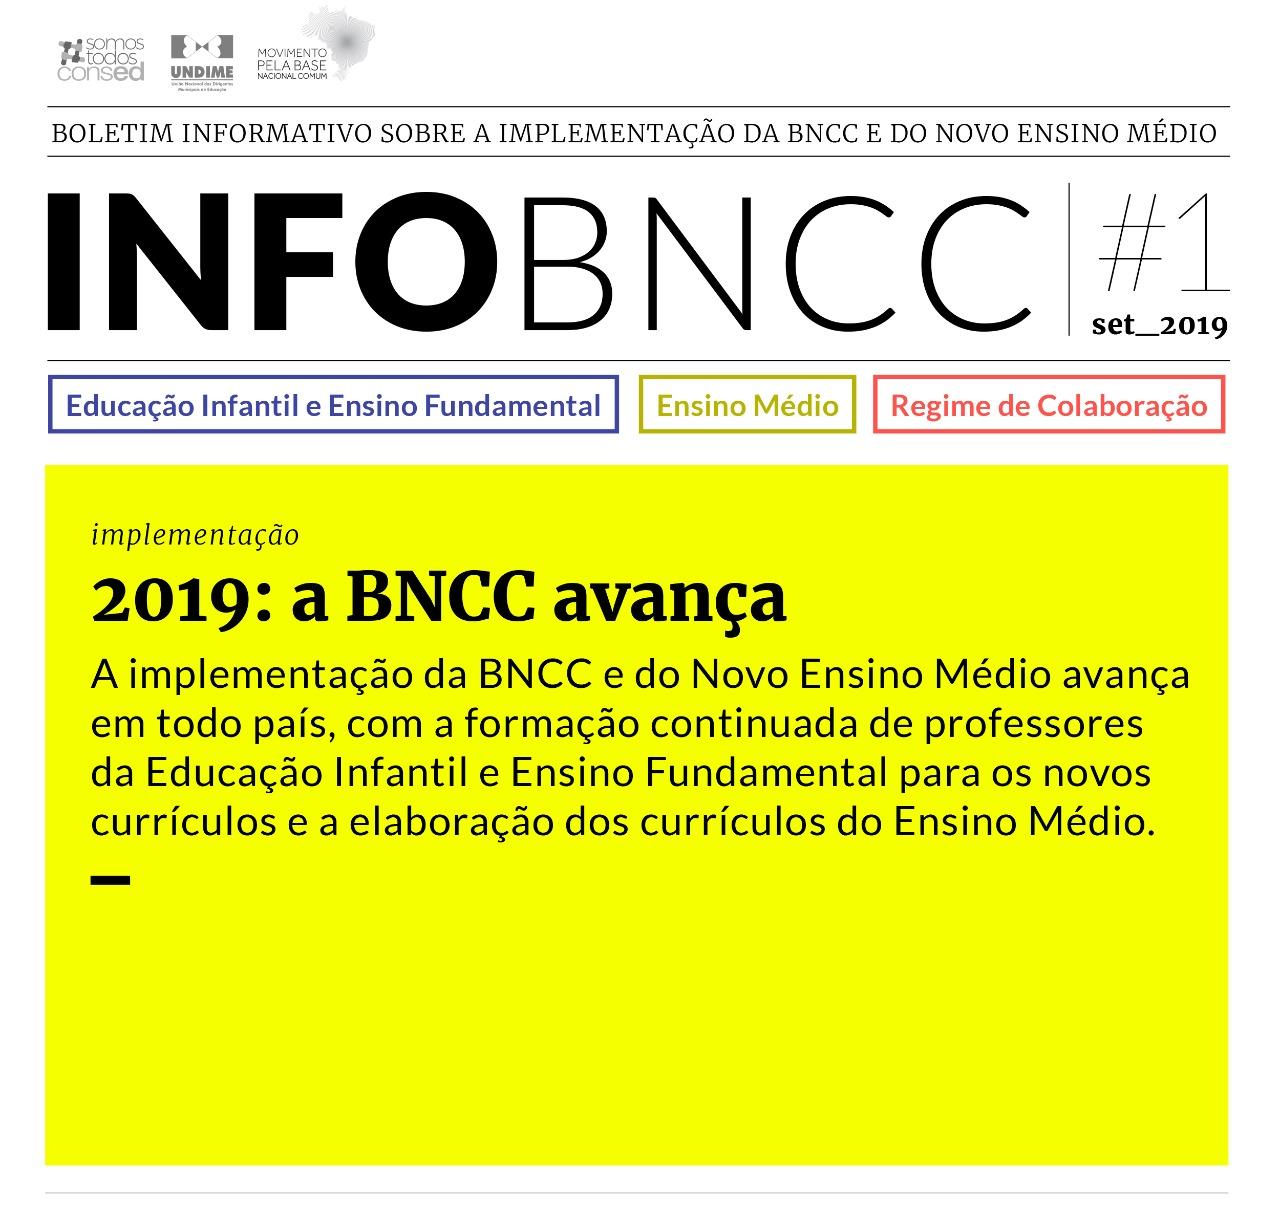 Undime e Consed lançam boletim sobre a BNCC